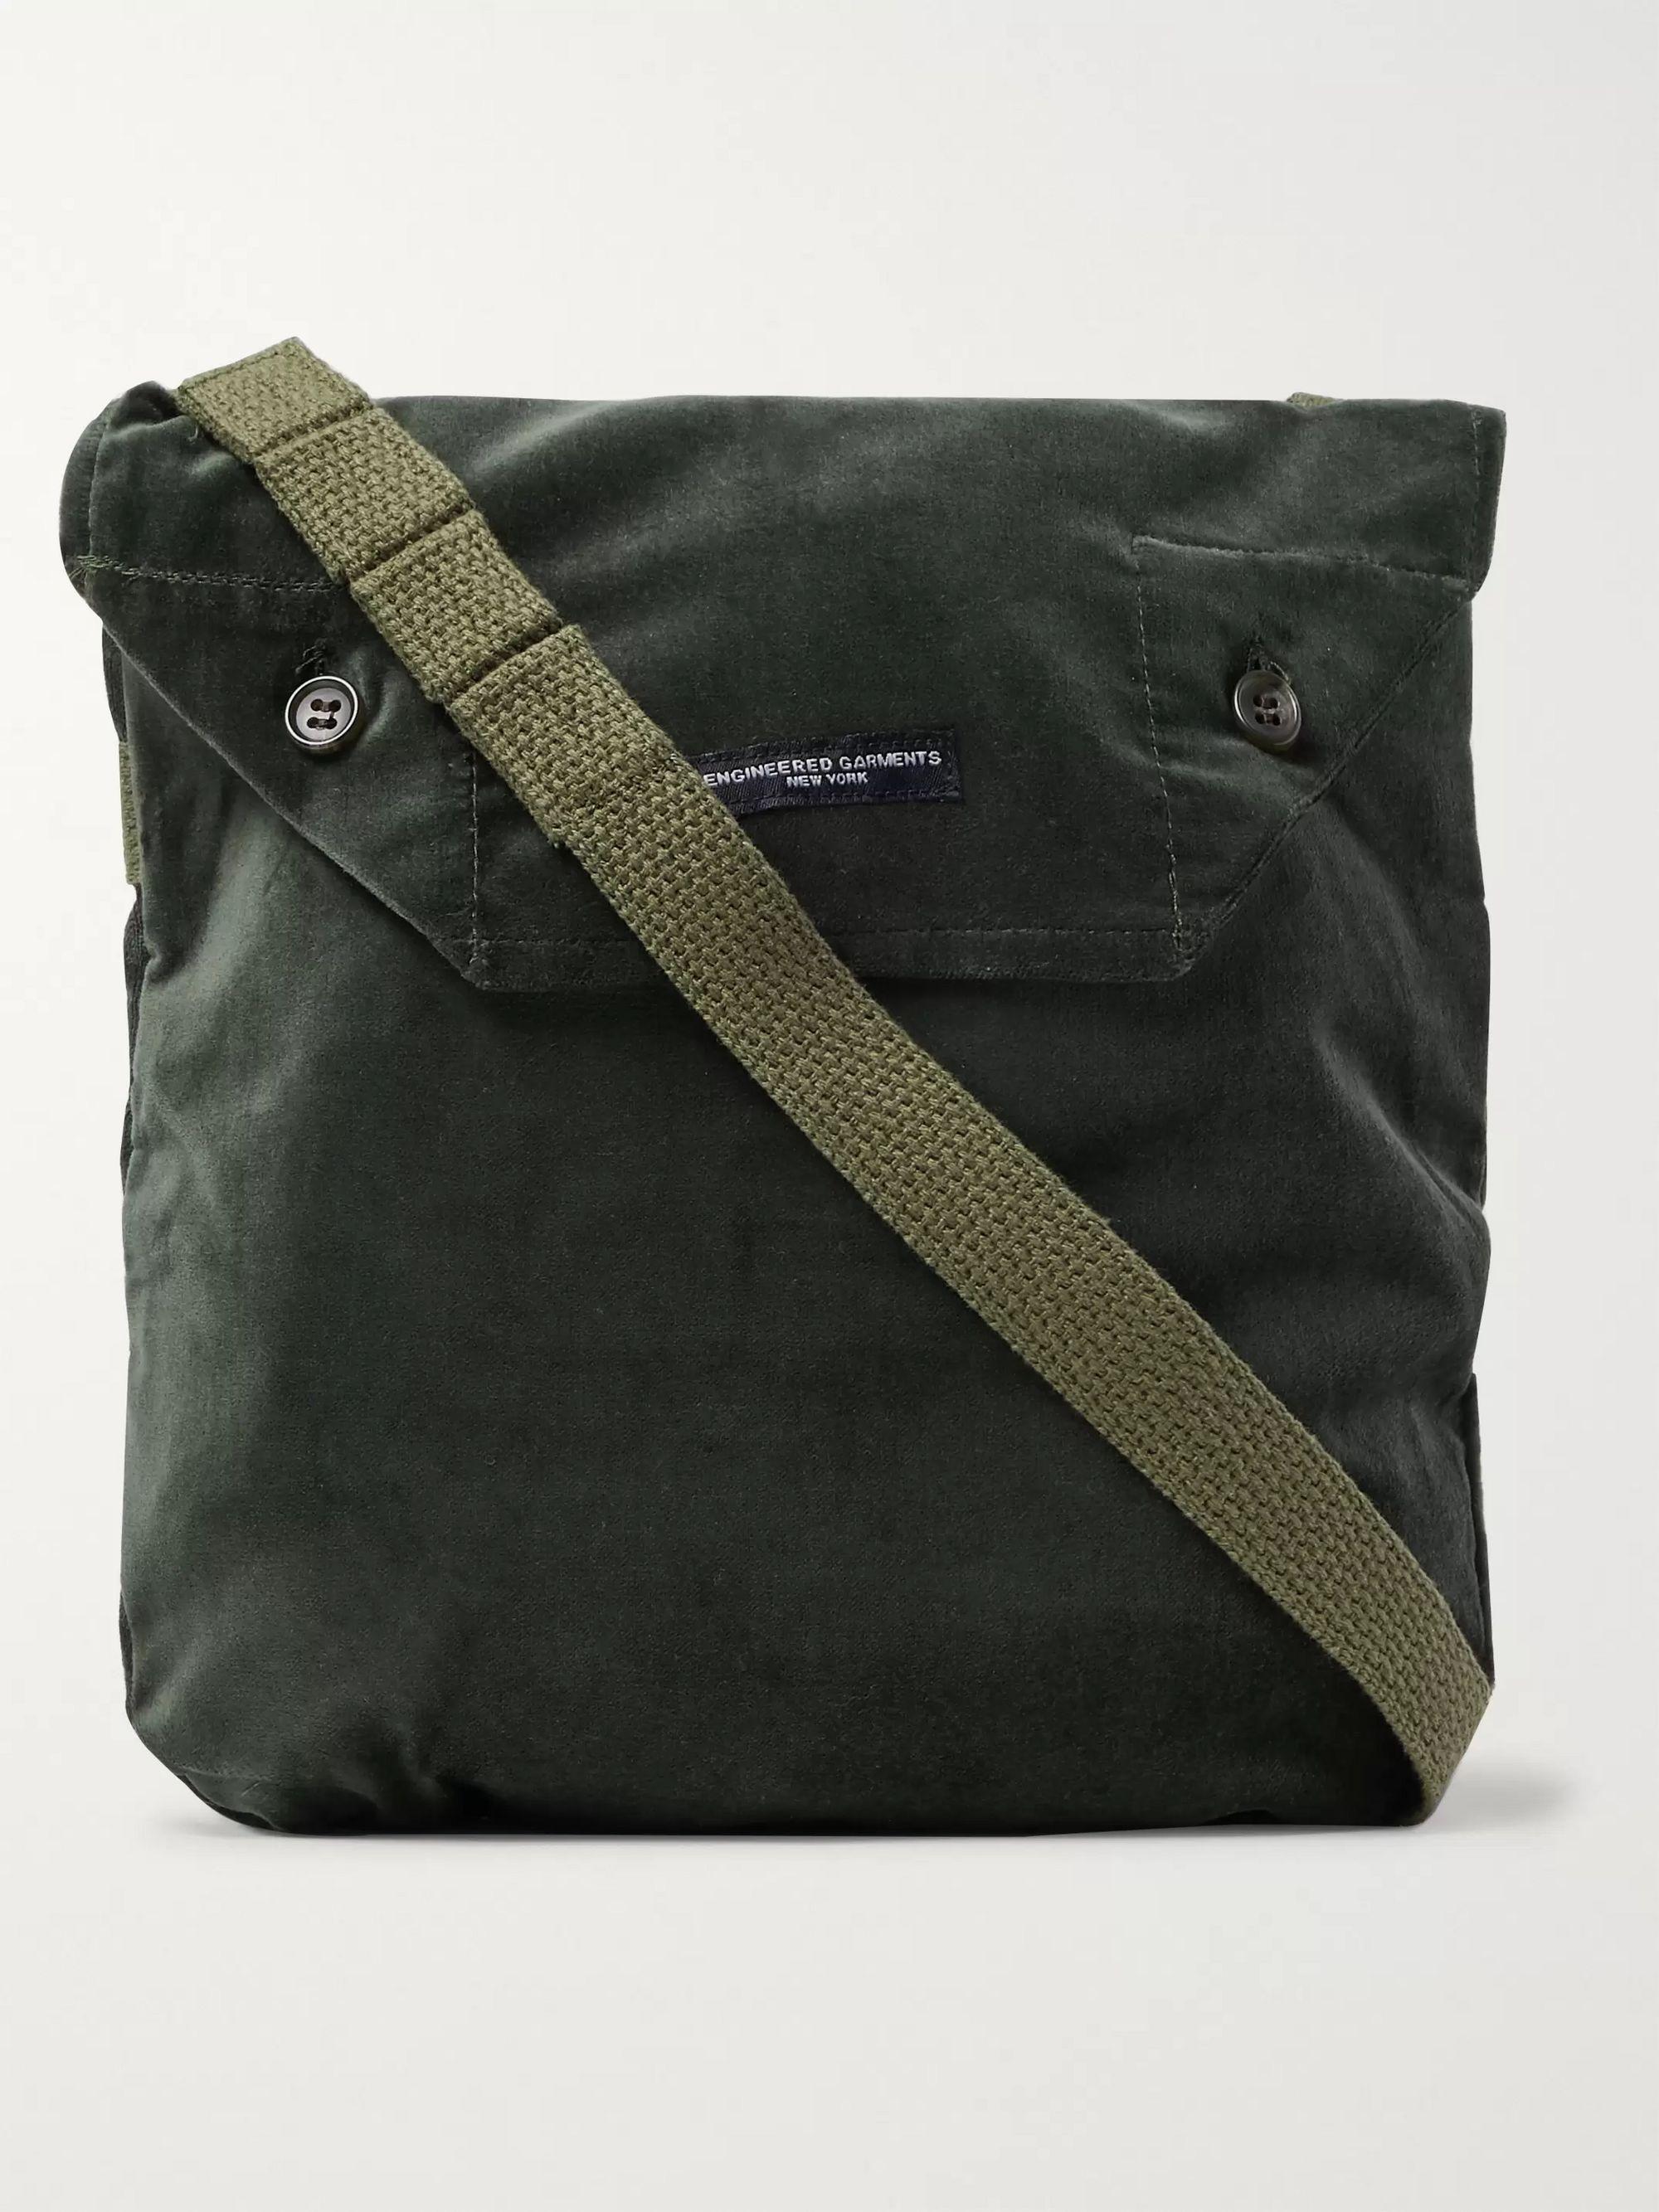 engineered garments bag